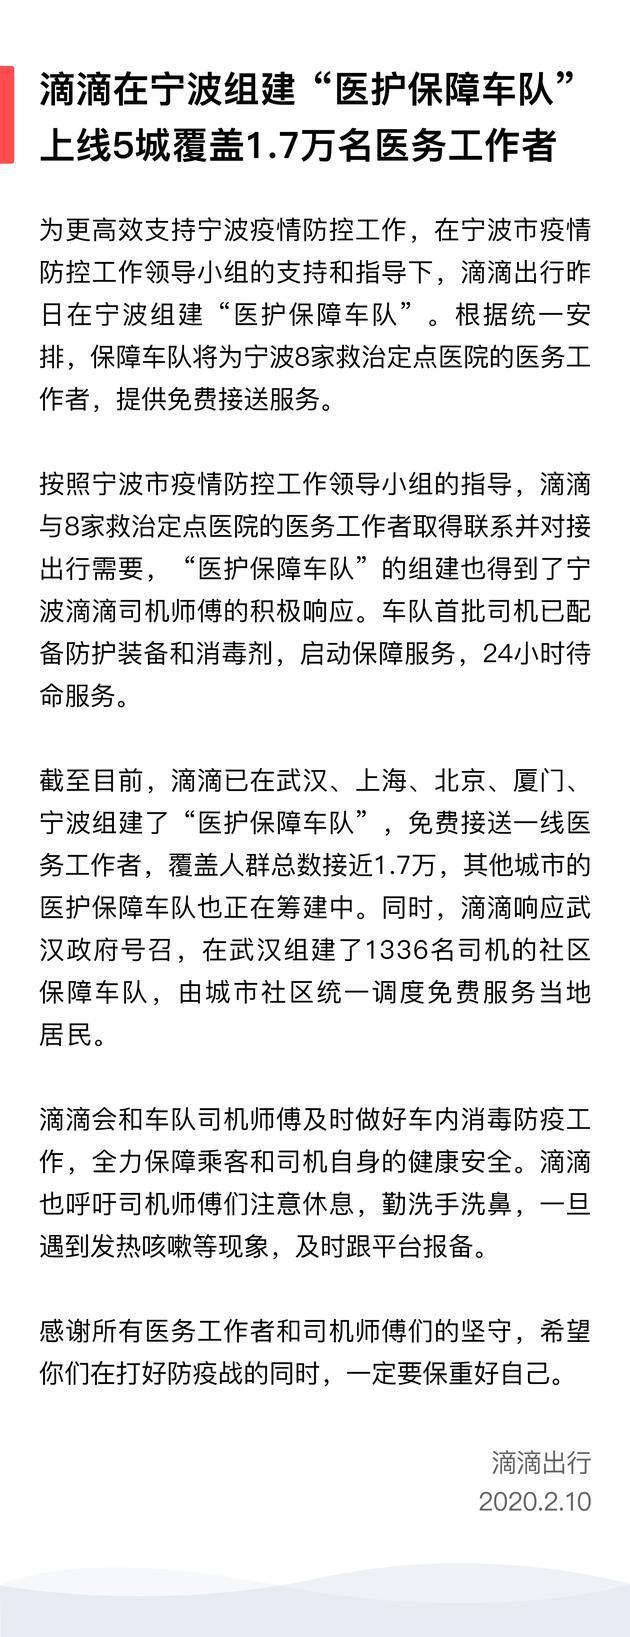 http://www.ningbofob.com/tiyuhuodong/46466.html